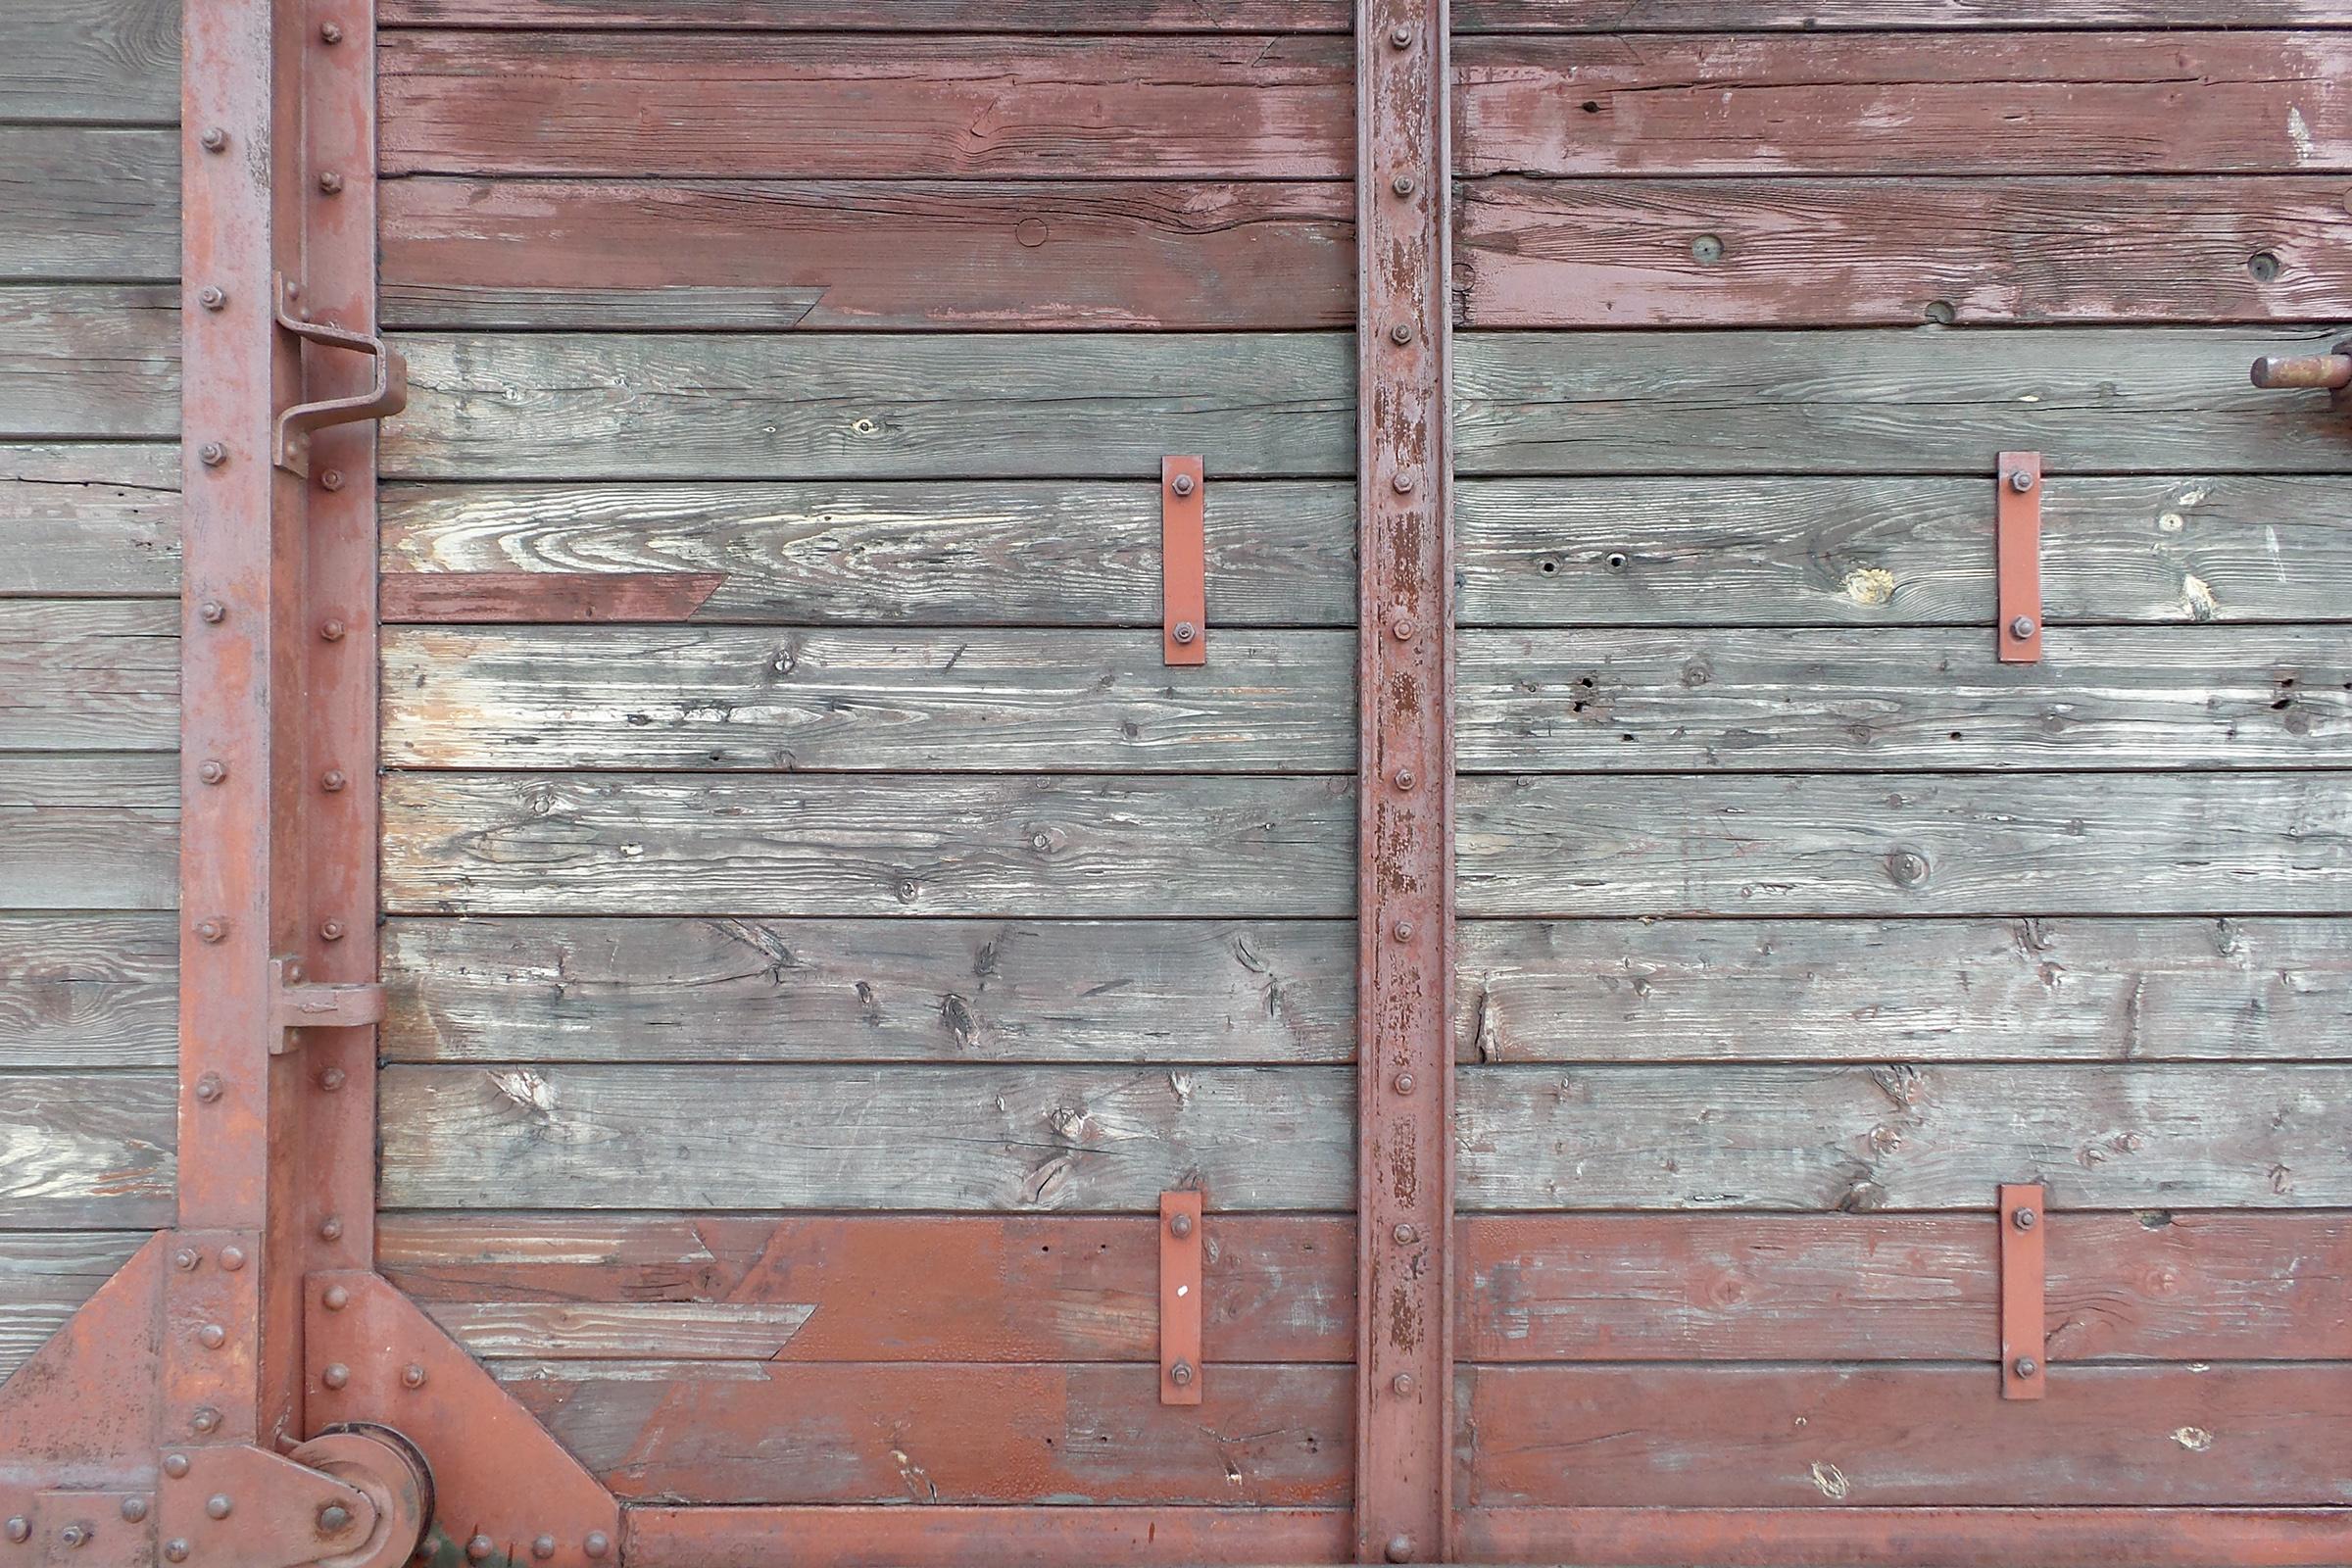 Auschwitz II, Poland